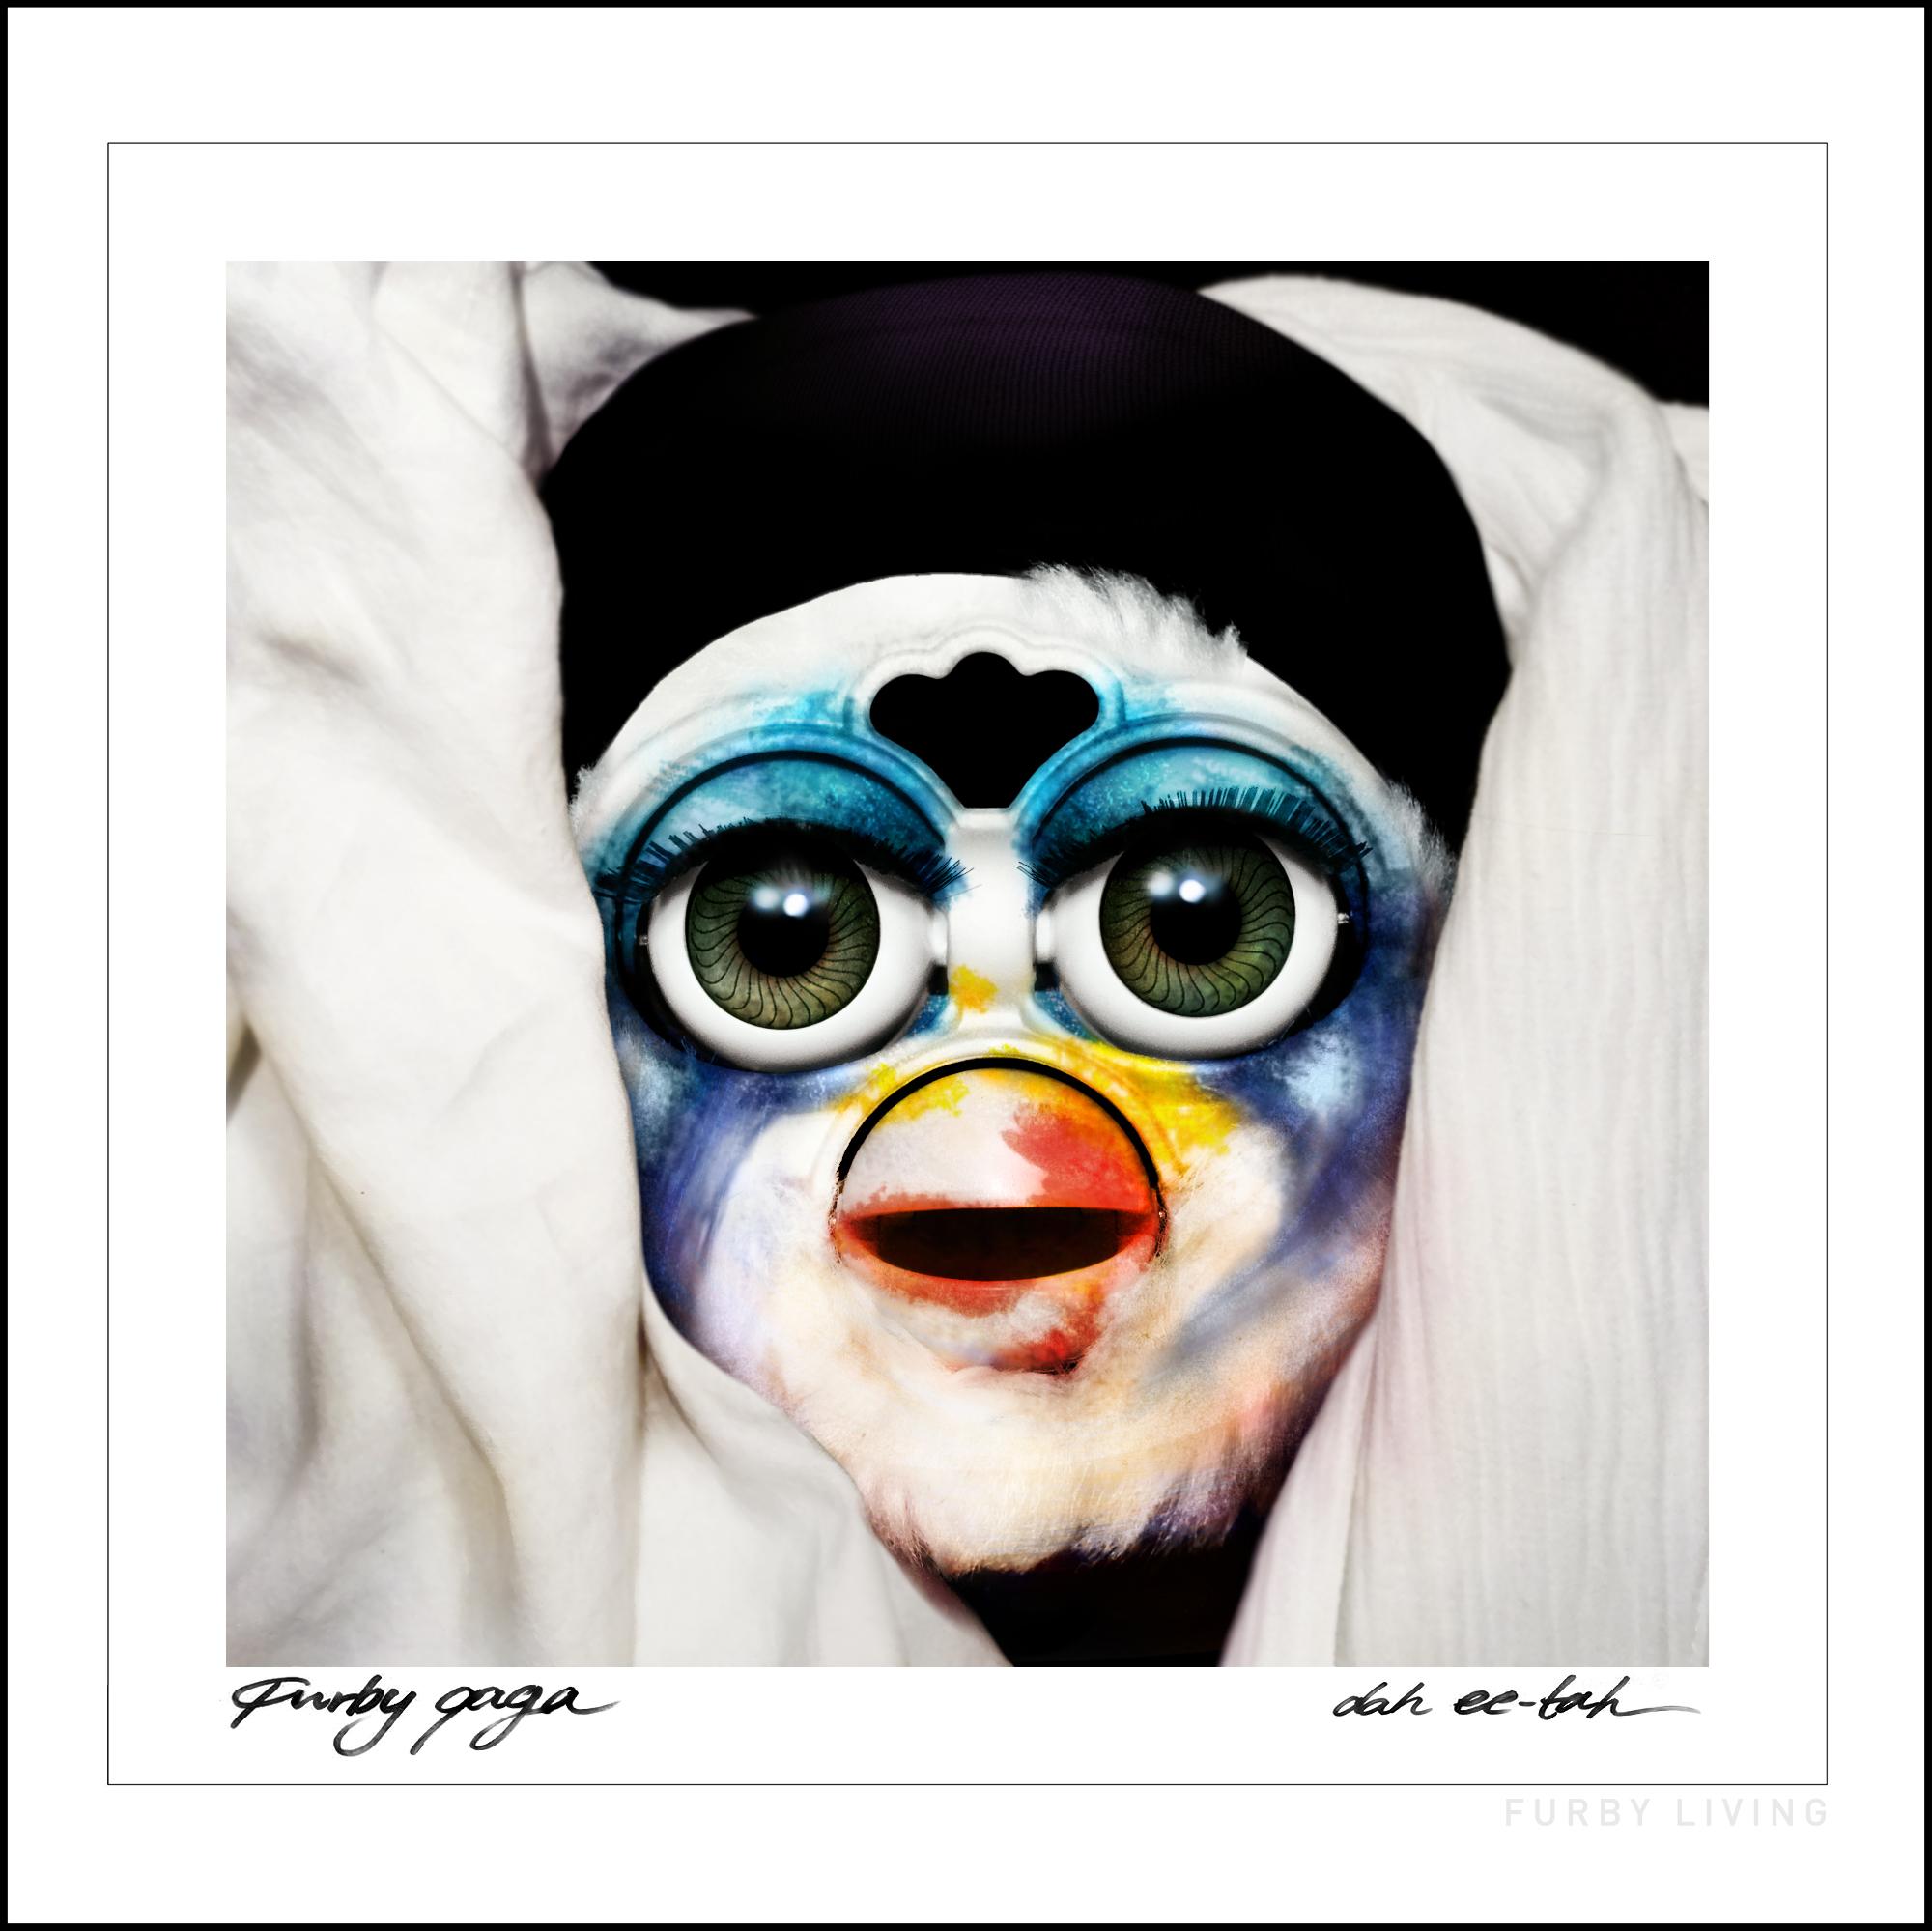 2013-10-14-FurbyLivingLadyGagaApplause.jpg